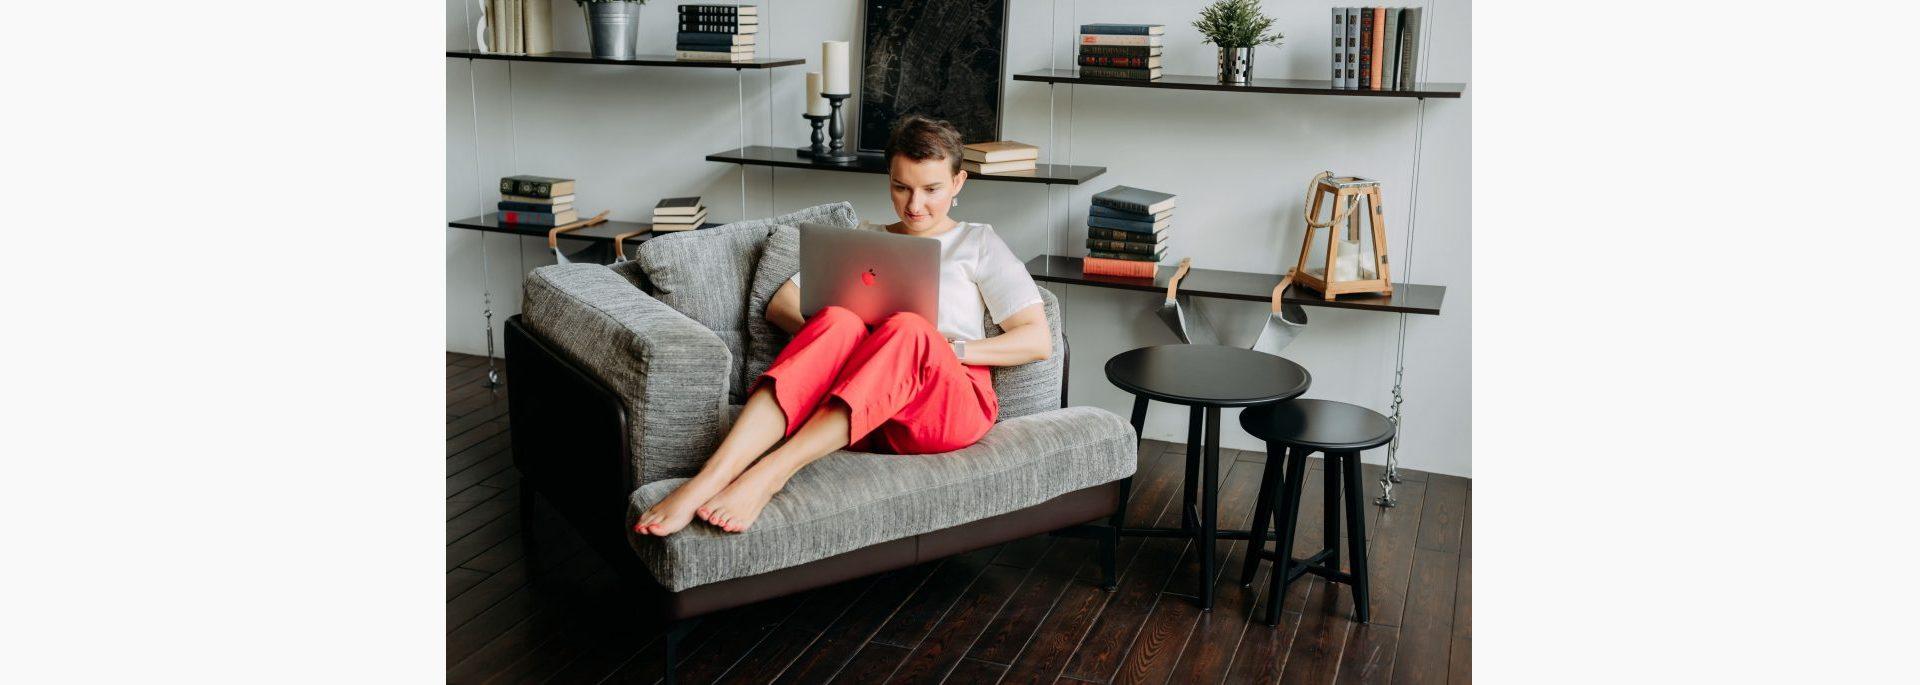 10 рабочих советов, как стать топ-менеджером к 30 годам